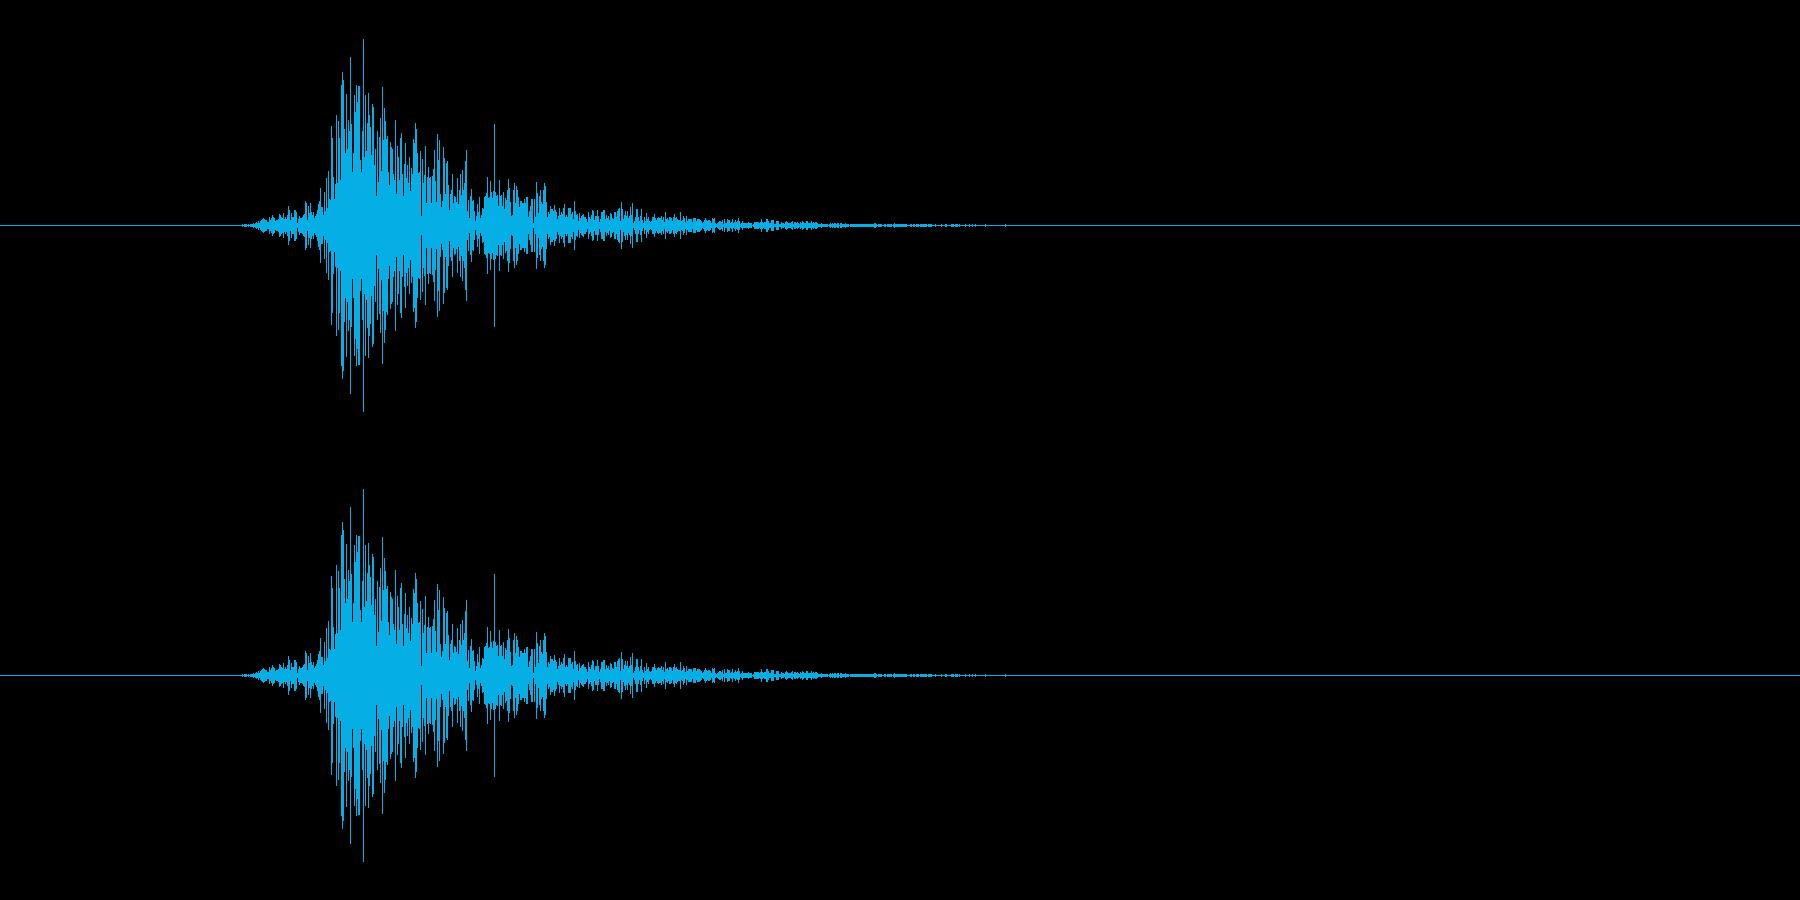 テック系ボタン音5(チッ)の再生済みの波形